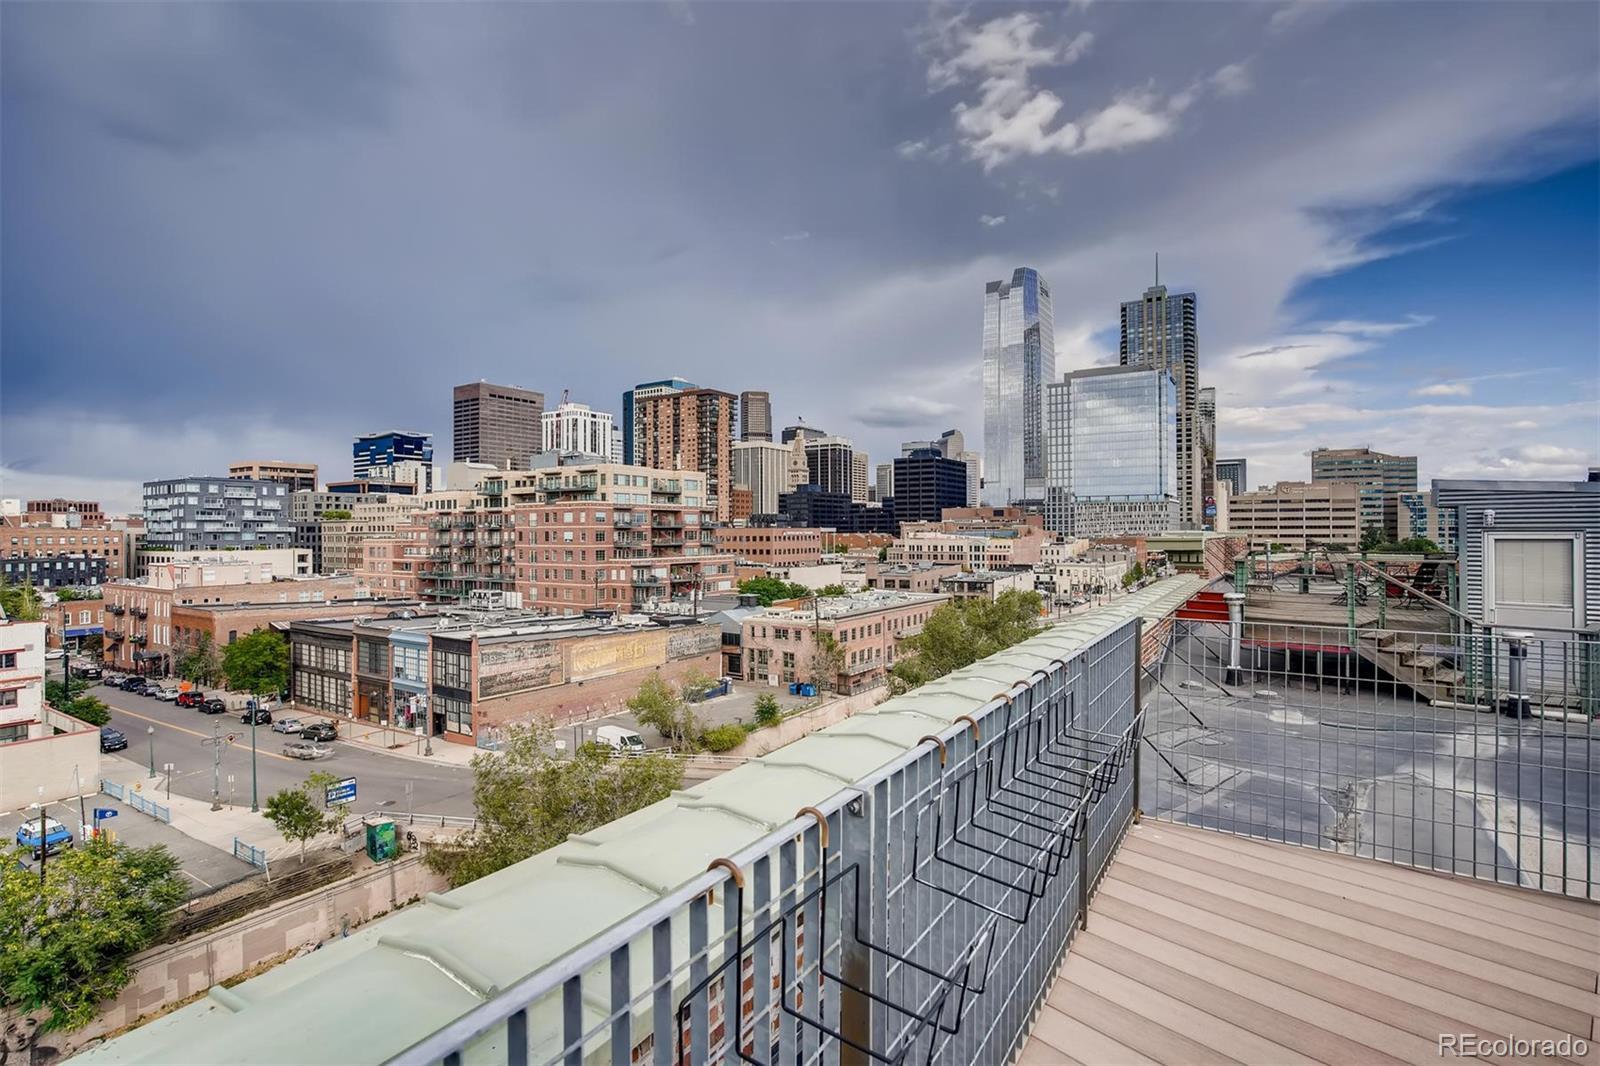 MLS# 3461017 - 32 - 1616 14th Street #3D, Denver, CO 80202